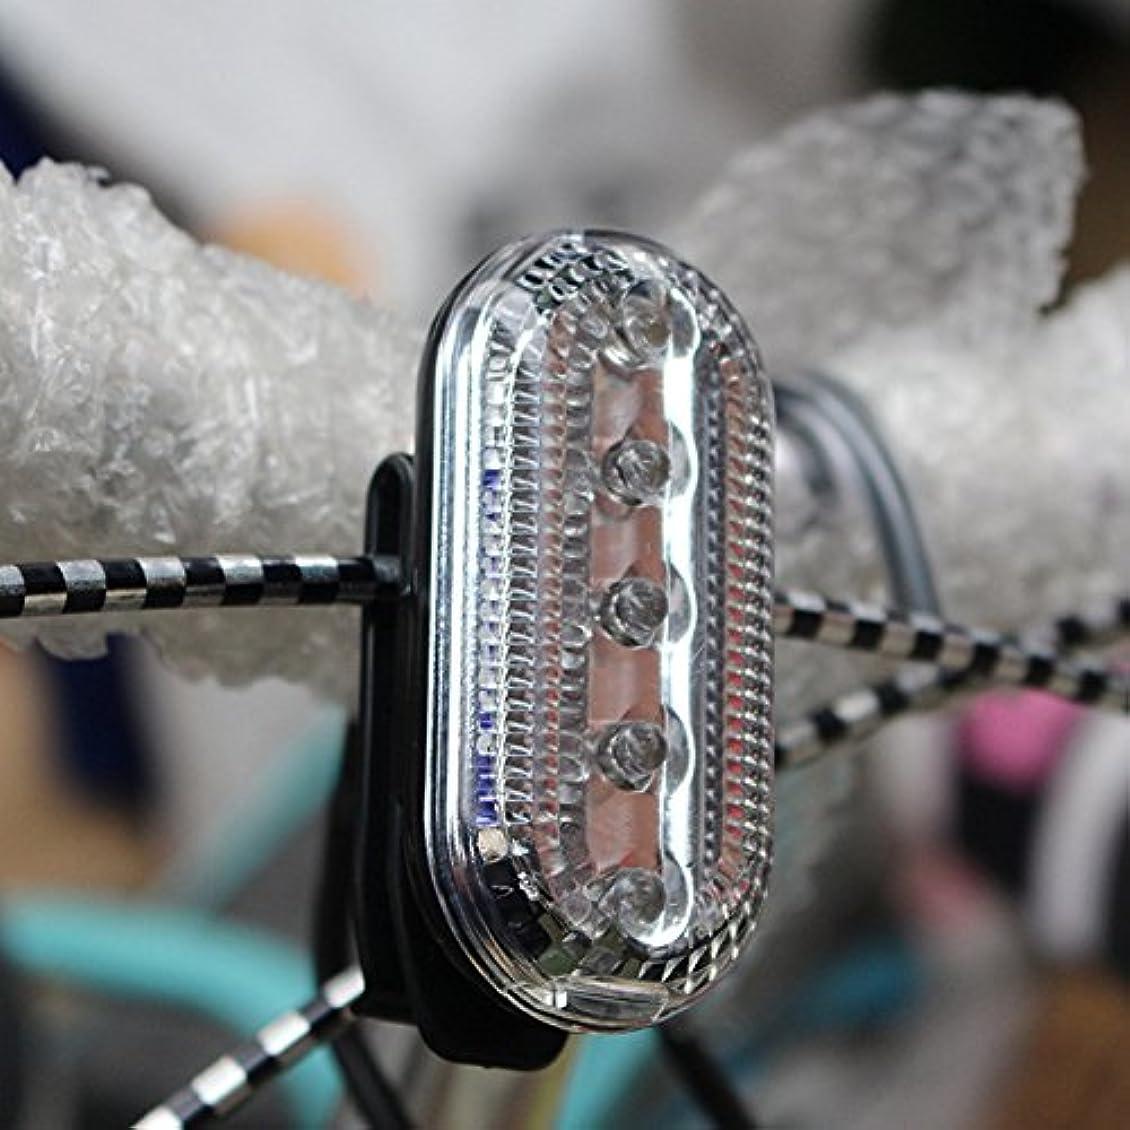 マナー番目残酷なLiebeye LEDライト 自転車 安全警告 高輝度 ショルダーク ランプ 防水曇り